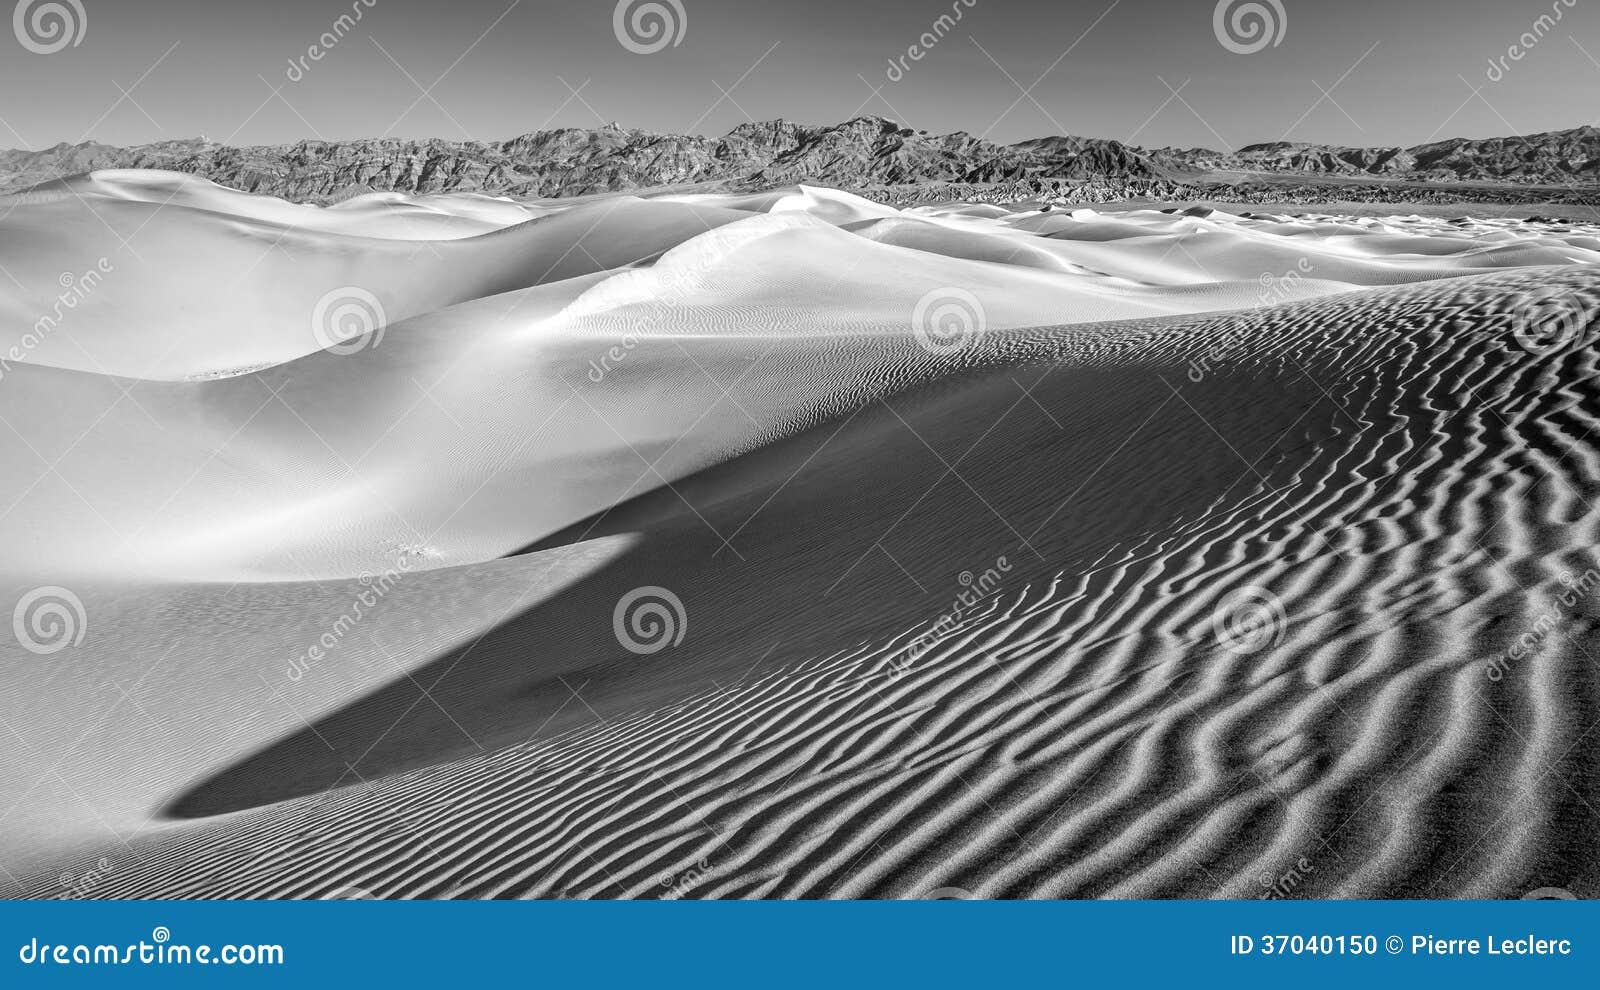 Dunas de areia do deserto em no2 preto e branco